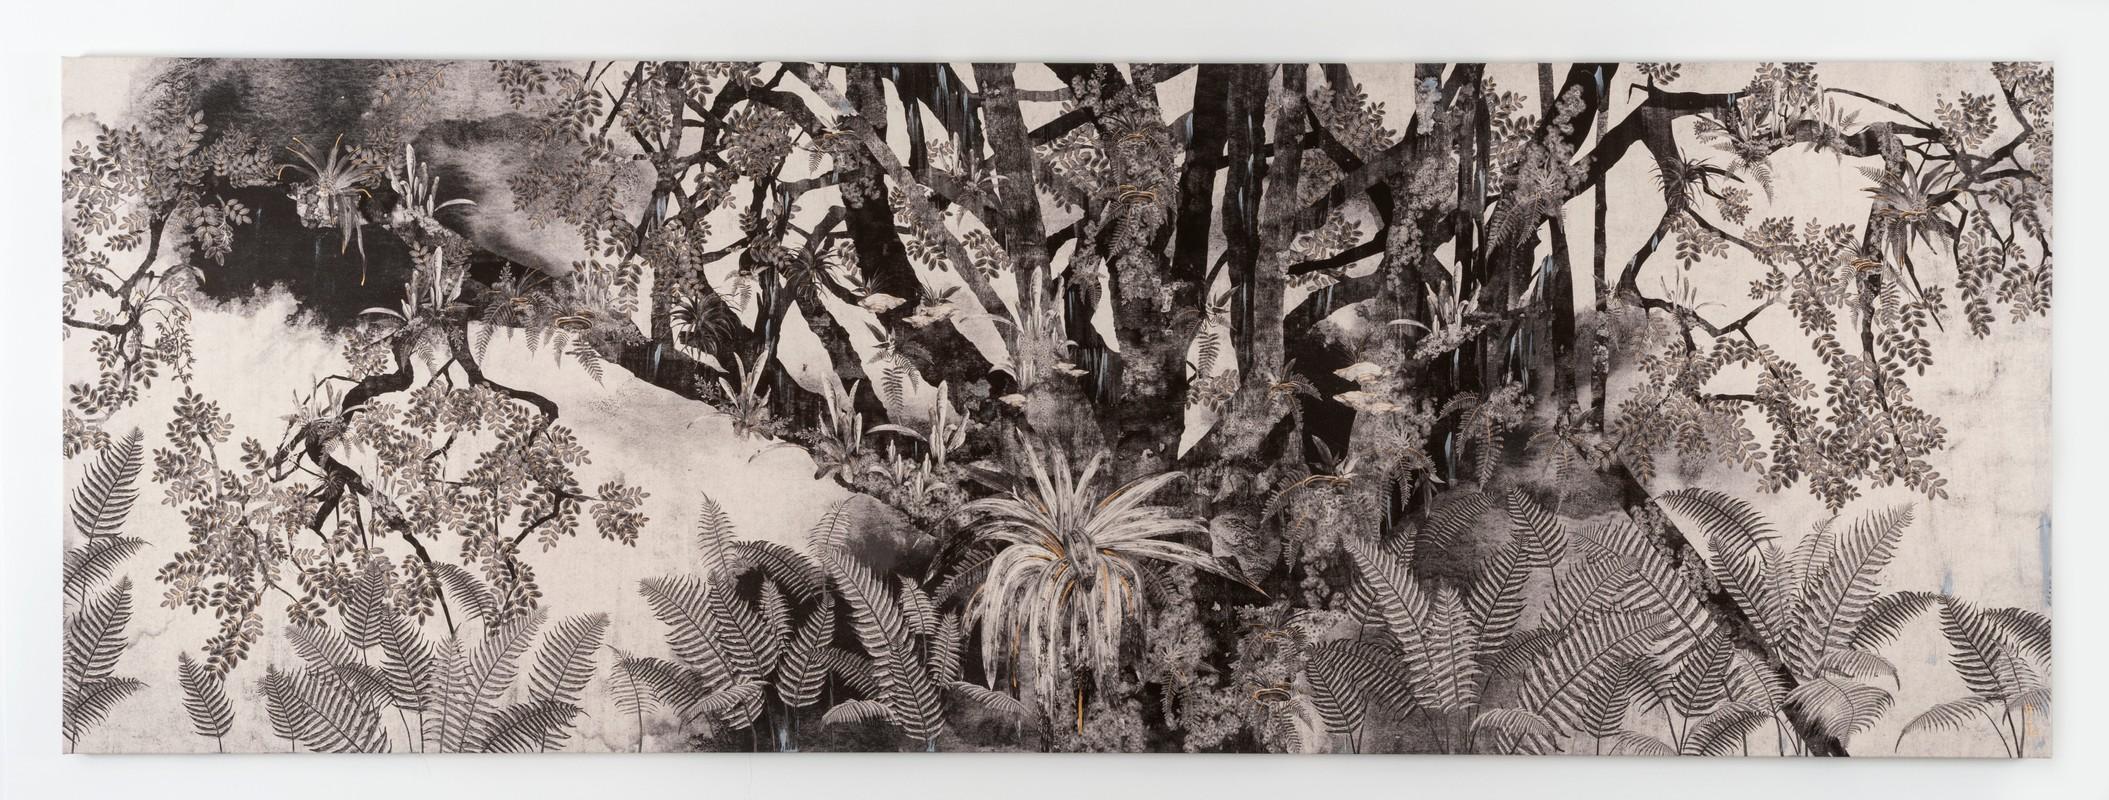 Artwork – El sauco de Ananse, 2019